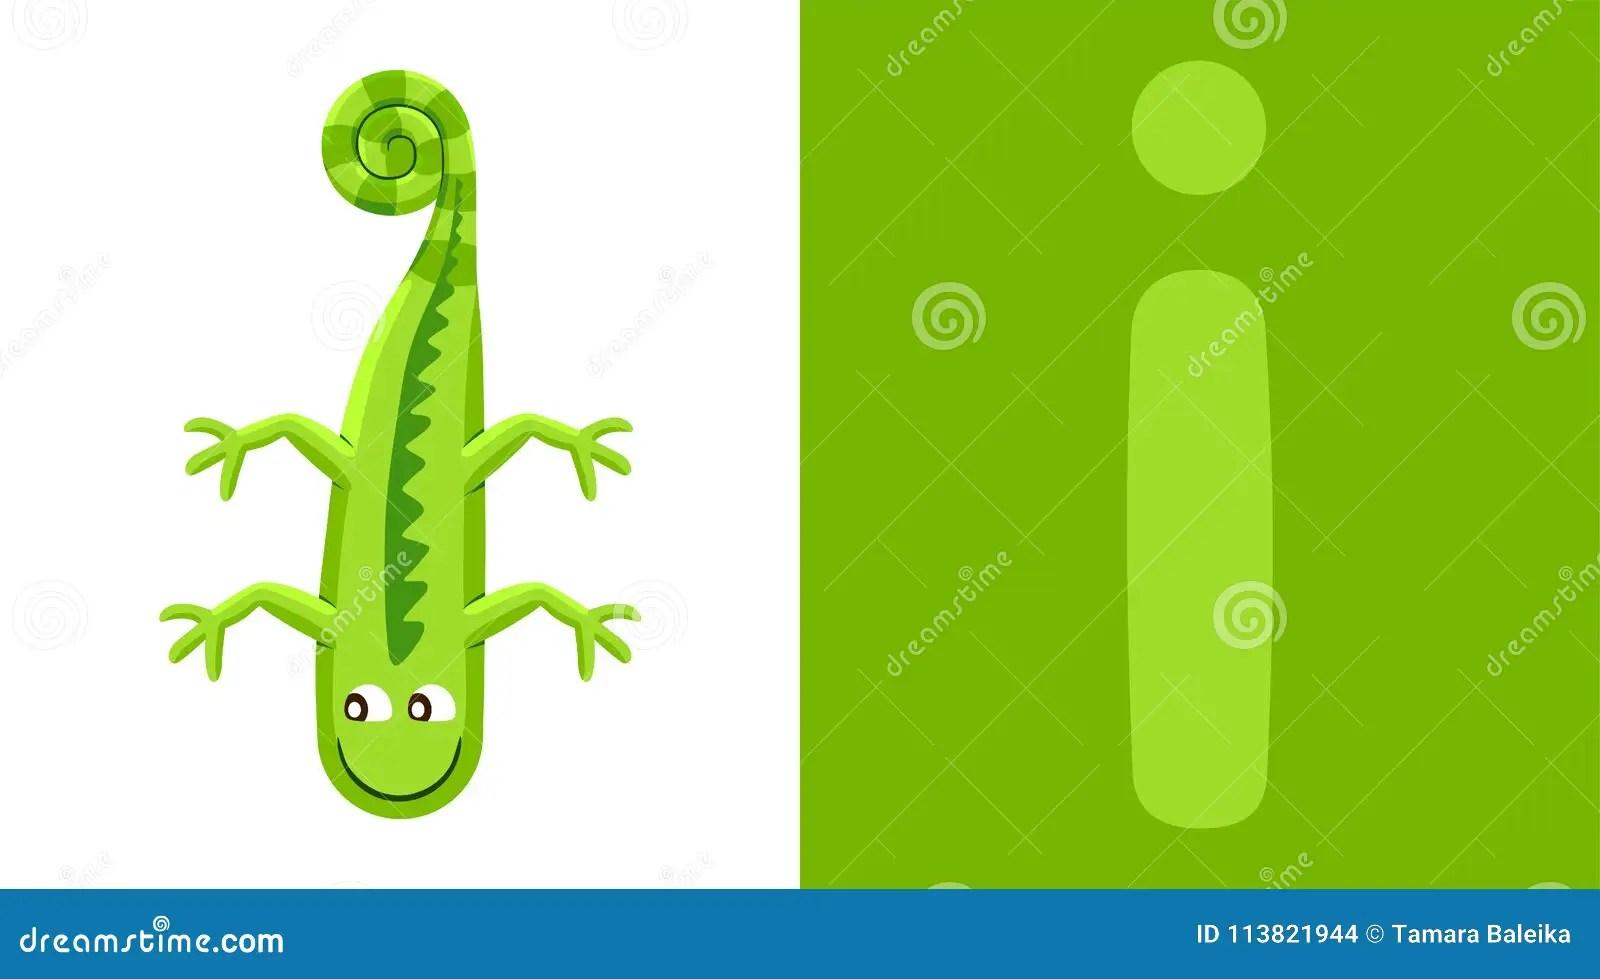 I Is For Iguana Letter I Iguana Cute Illustration